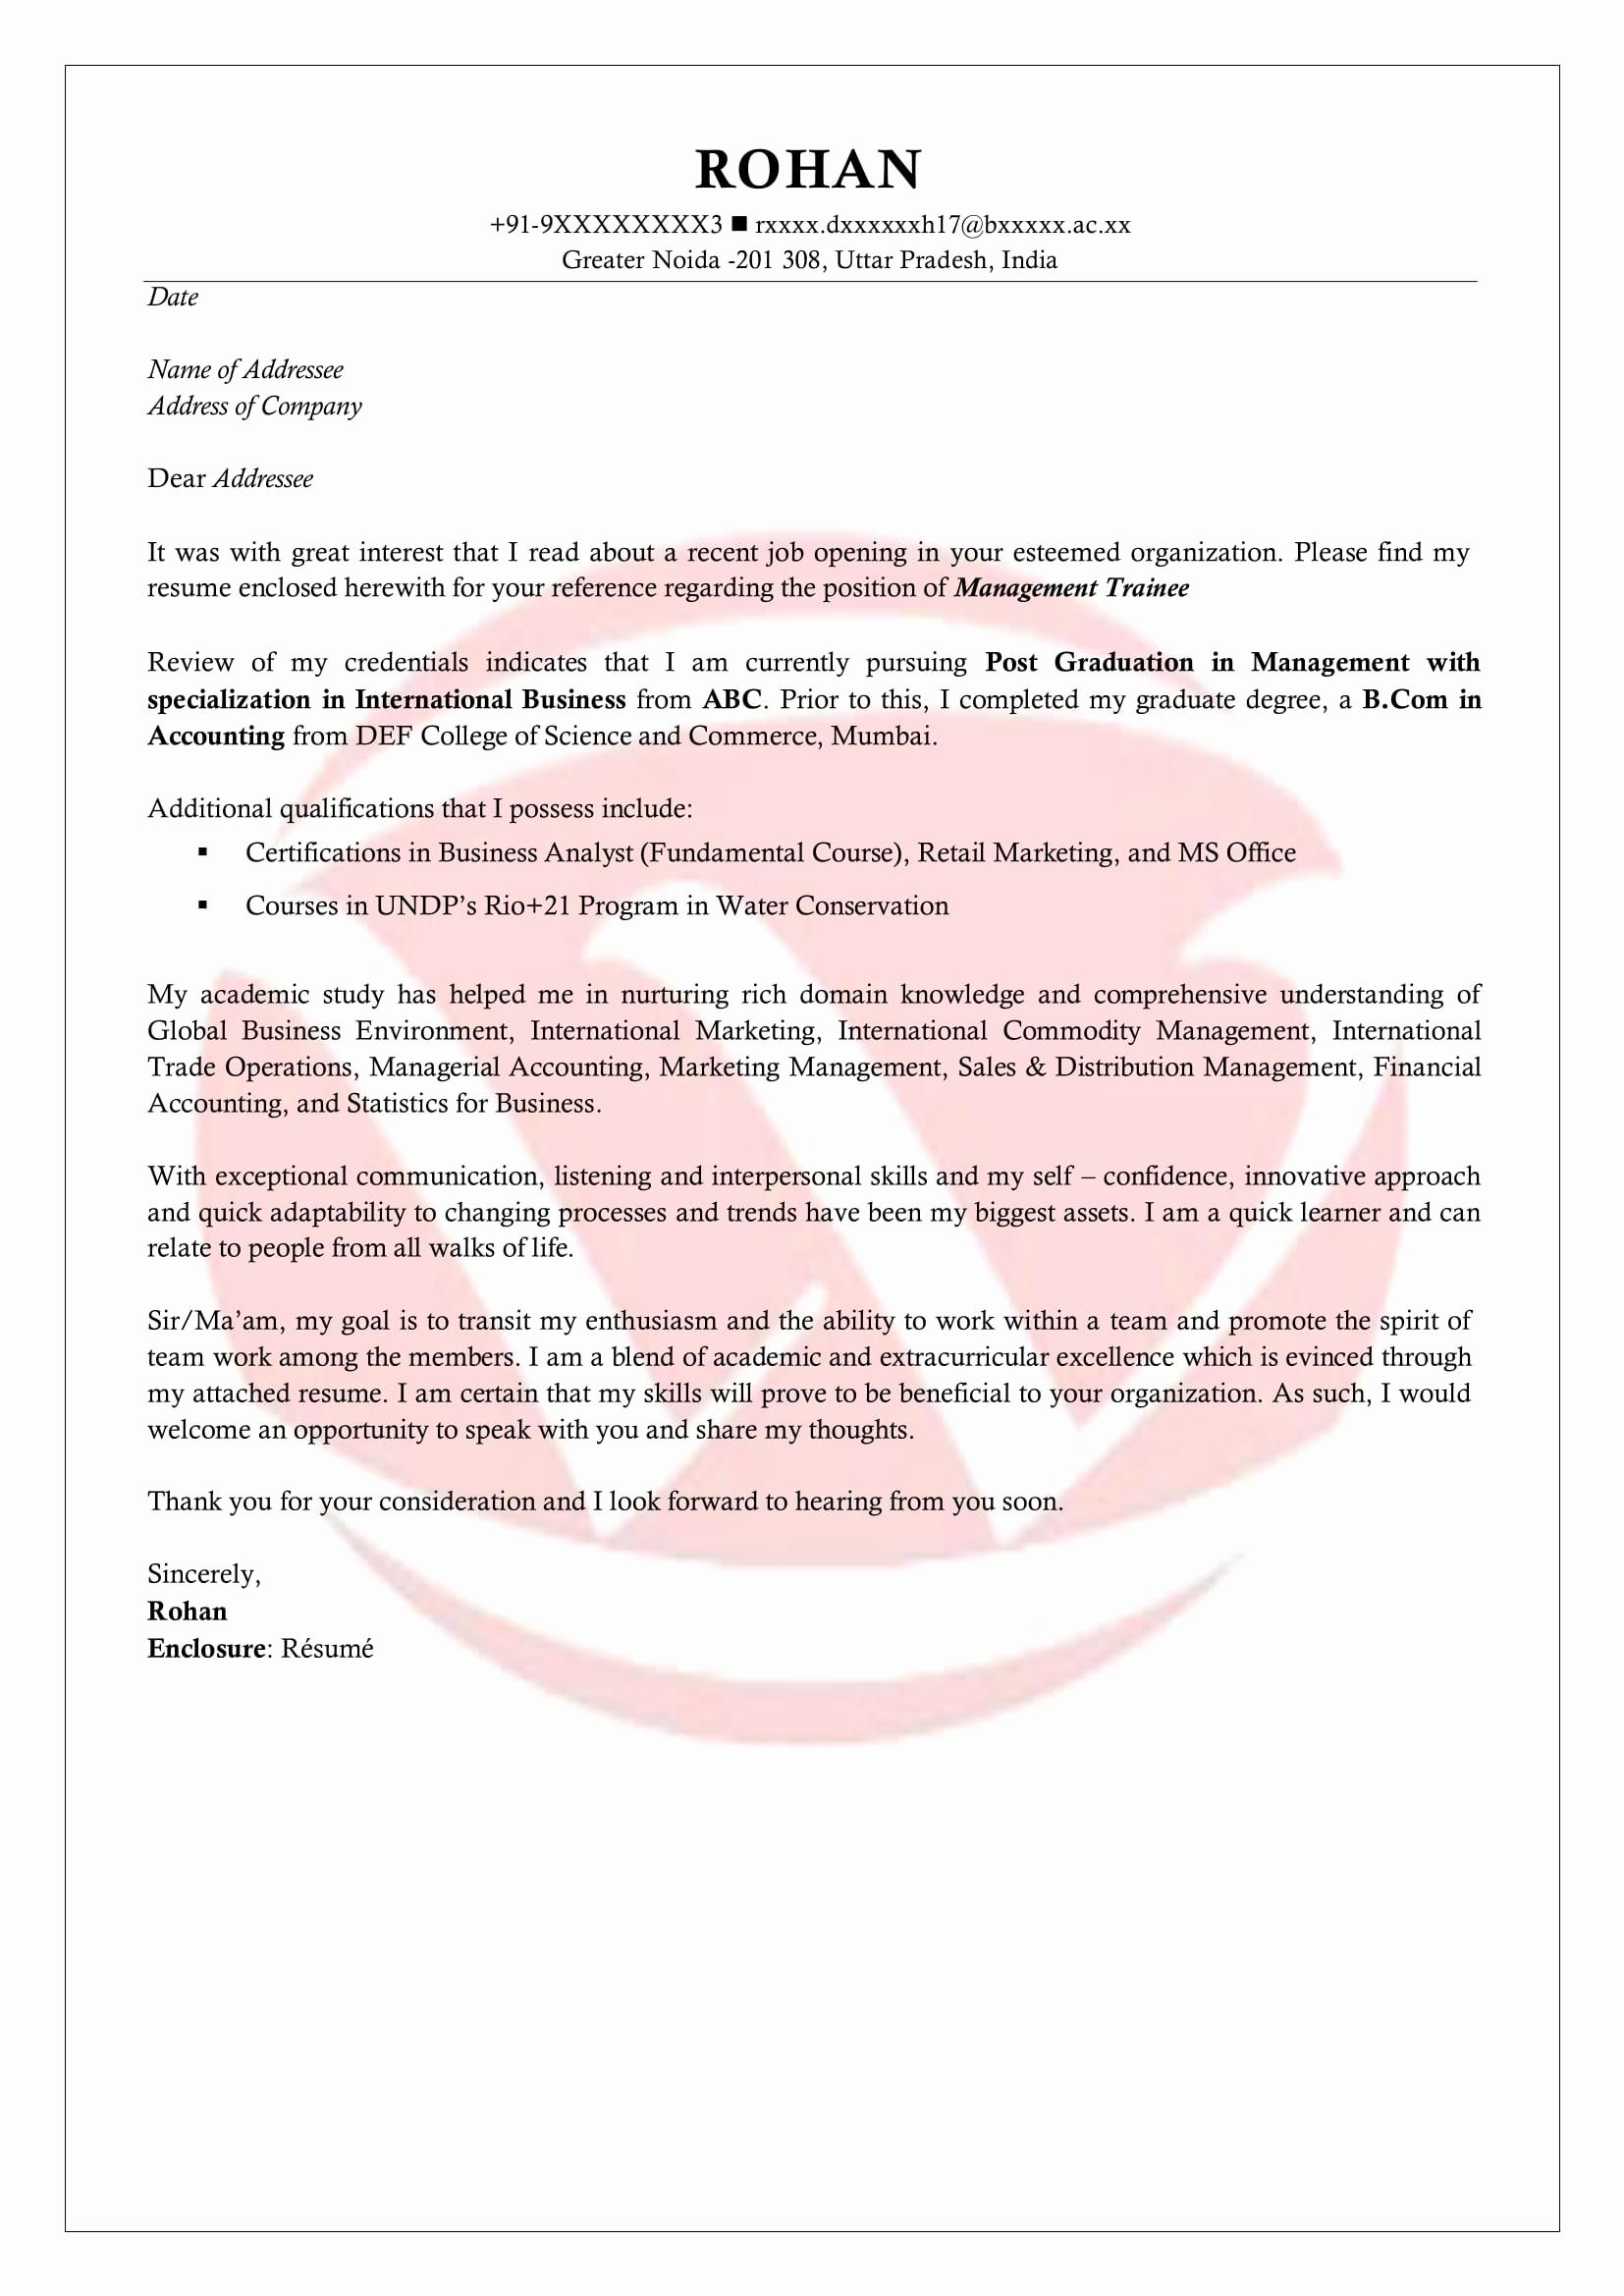 Internship Cover Letter Template Elegant Internship Sample Cover Letter format Download Cover